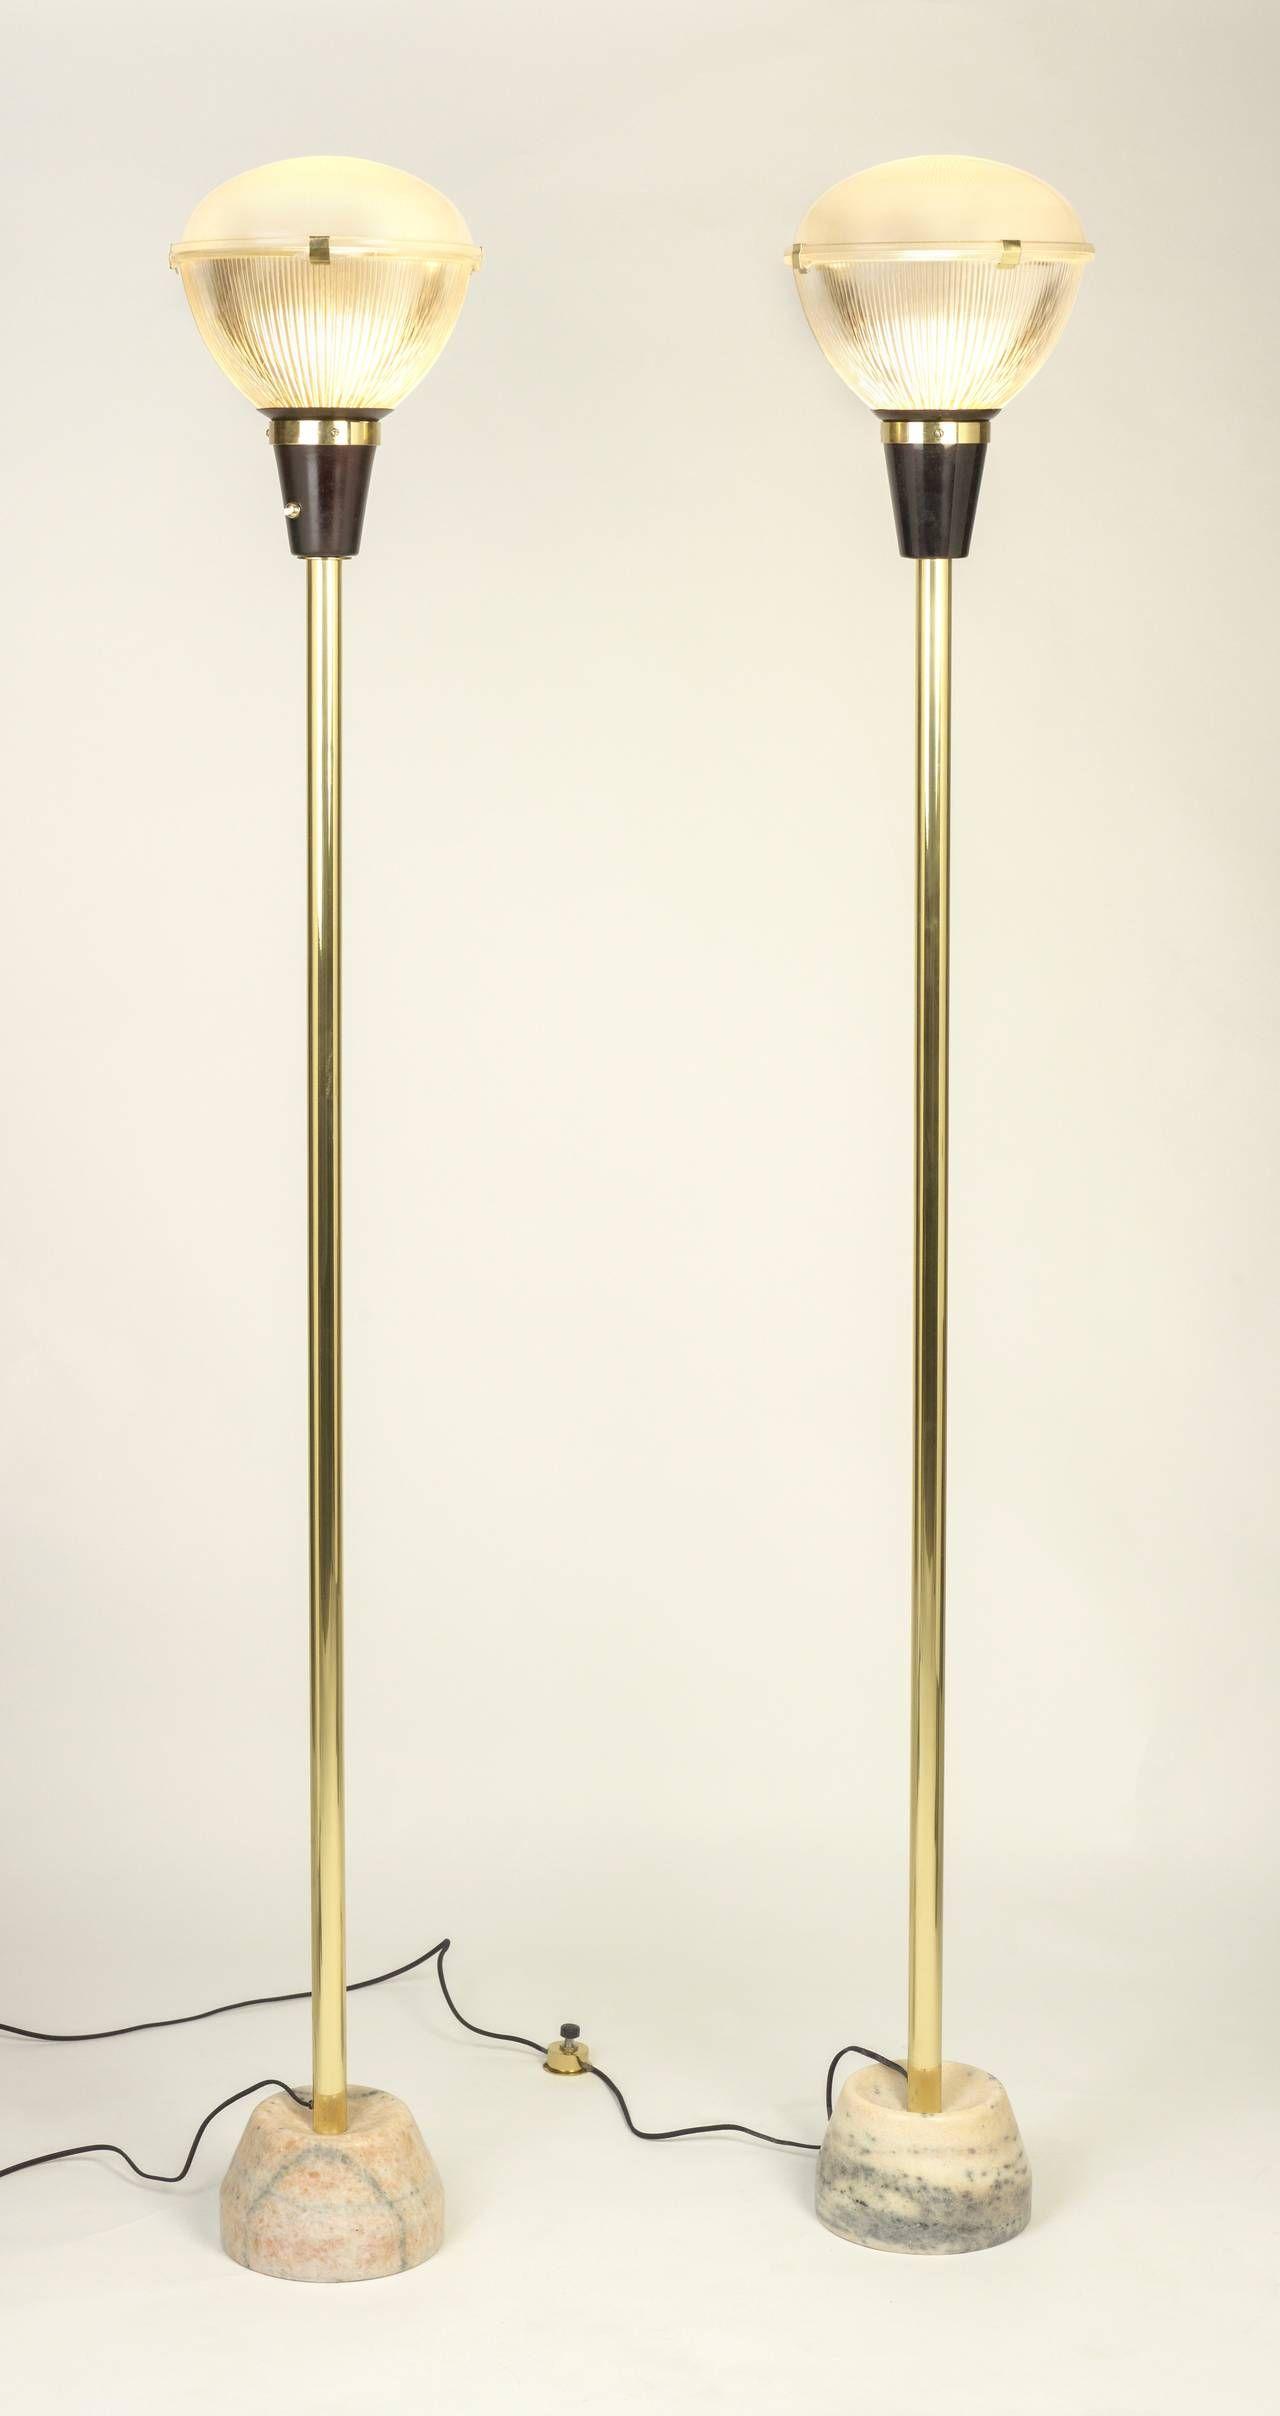 Pair Of Ignazio Gardella Floor Lamps Model Lte 7 From A Unique